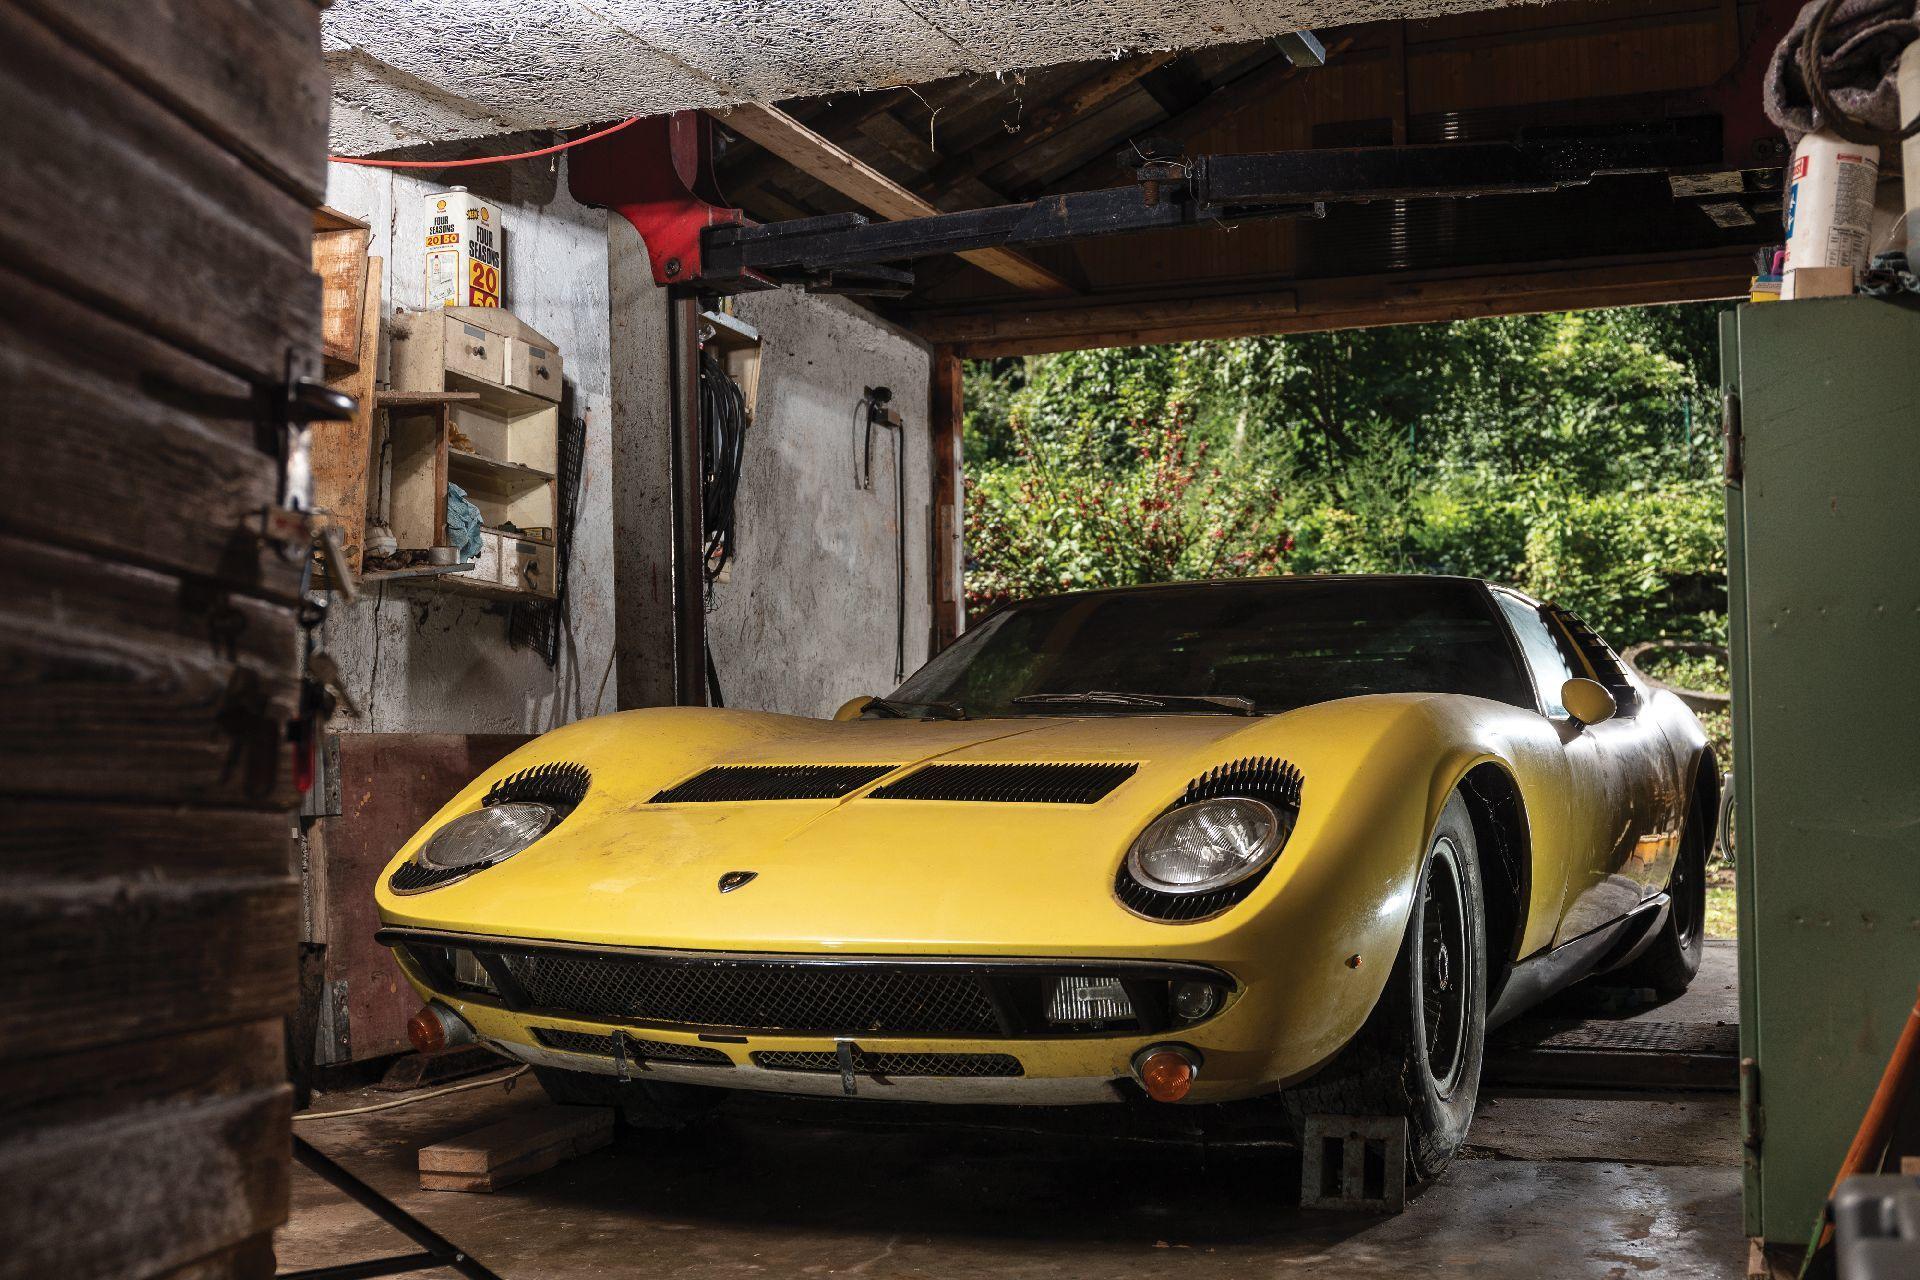 Siêu xe Lamborghini Miura P400 hàng hiếm bán giá 37 tỷ